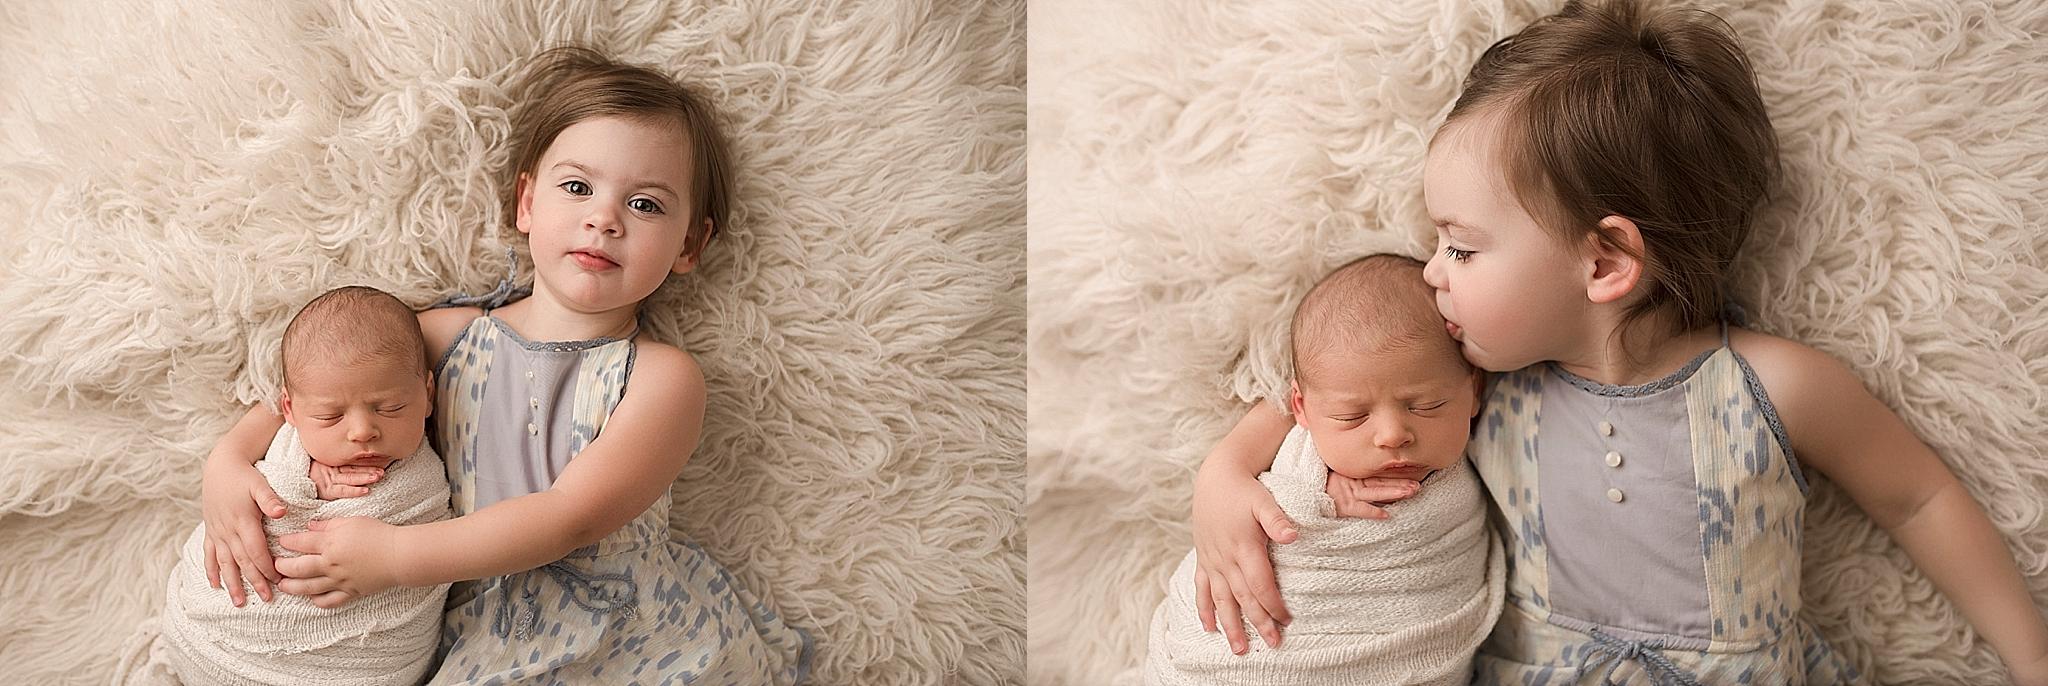 Sibling posing ideas newborn